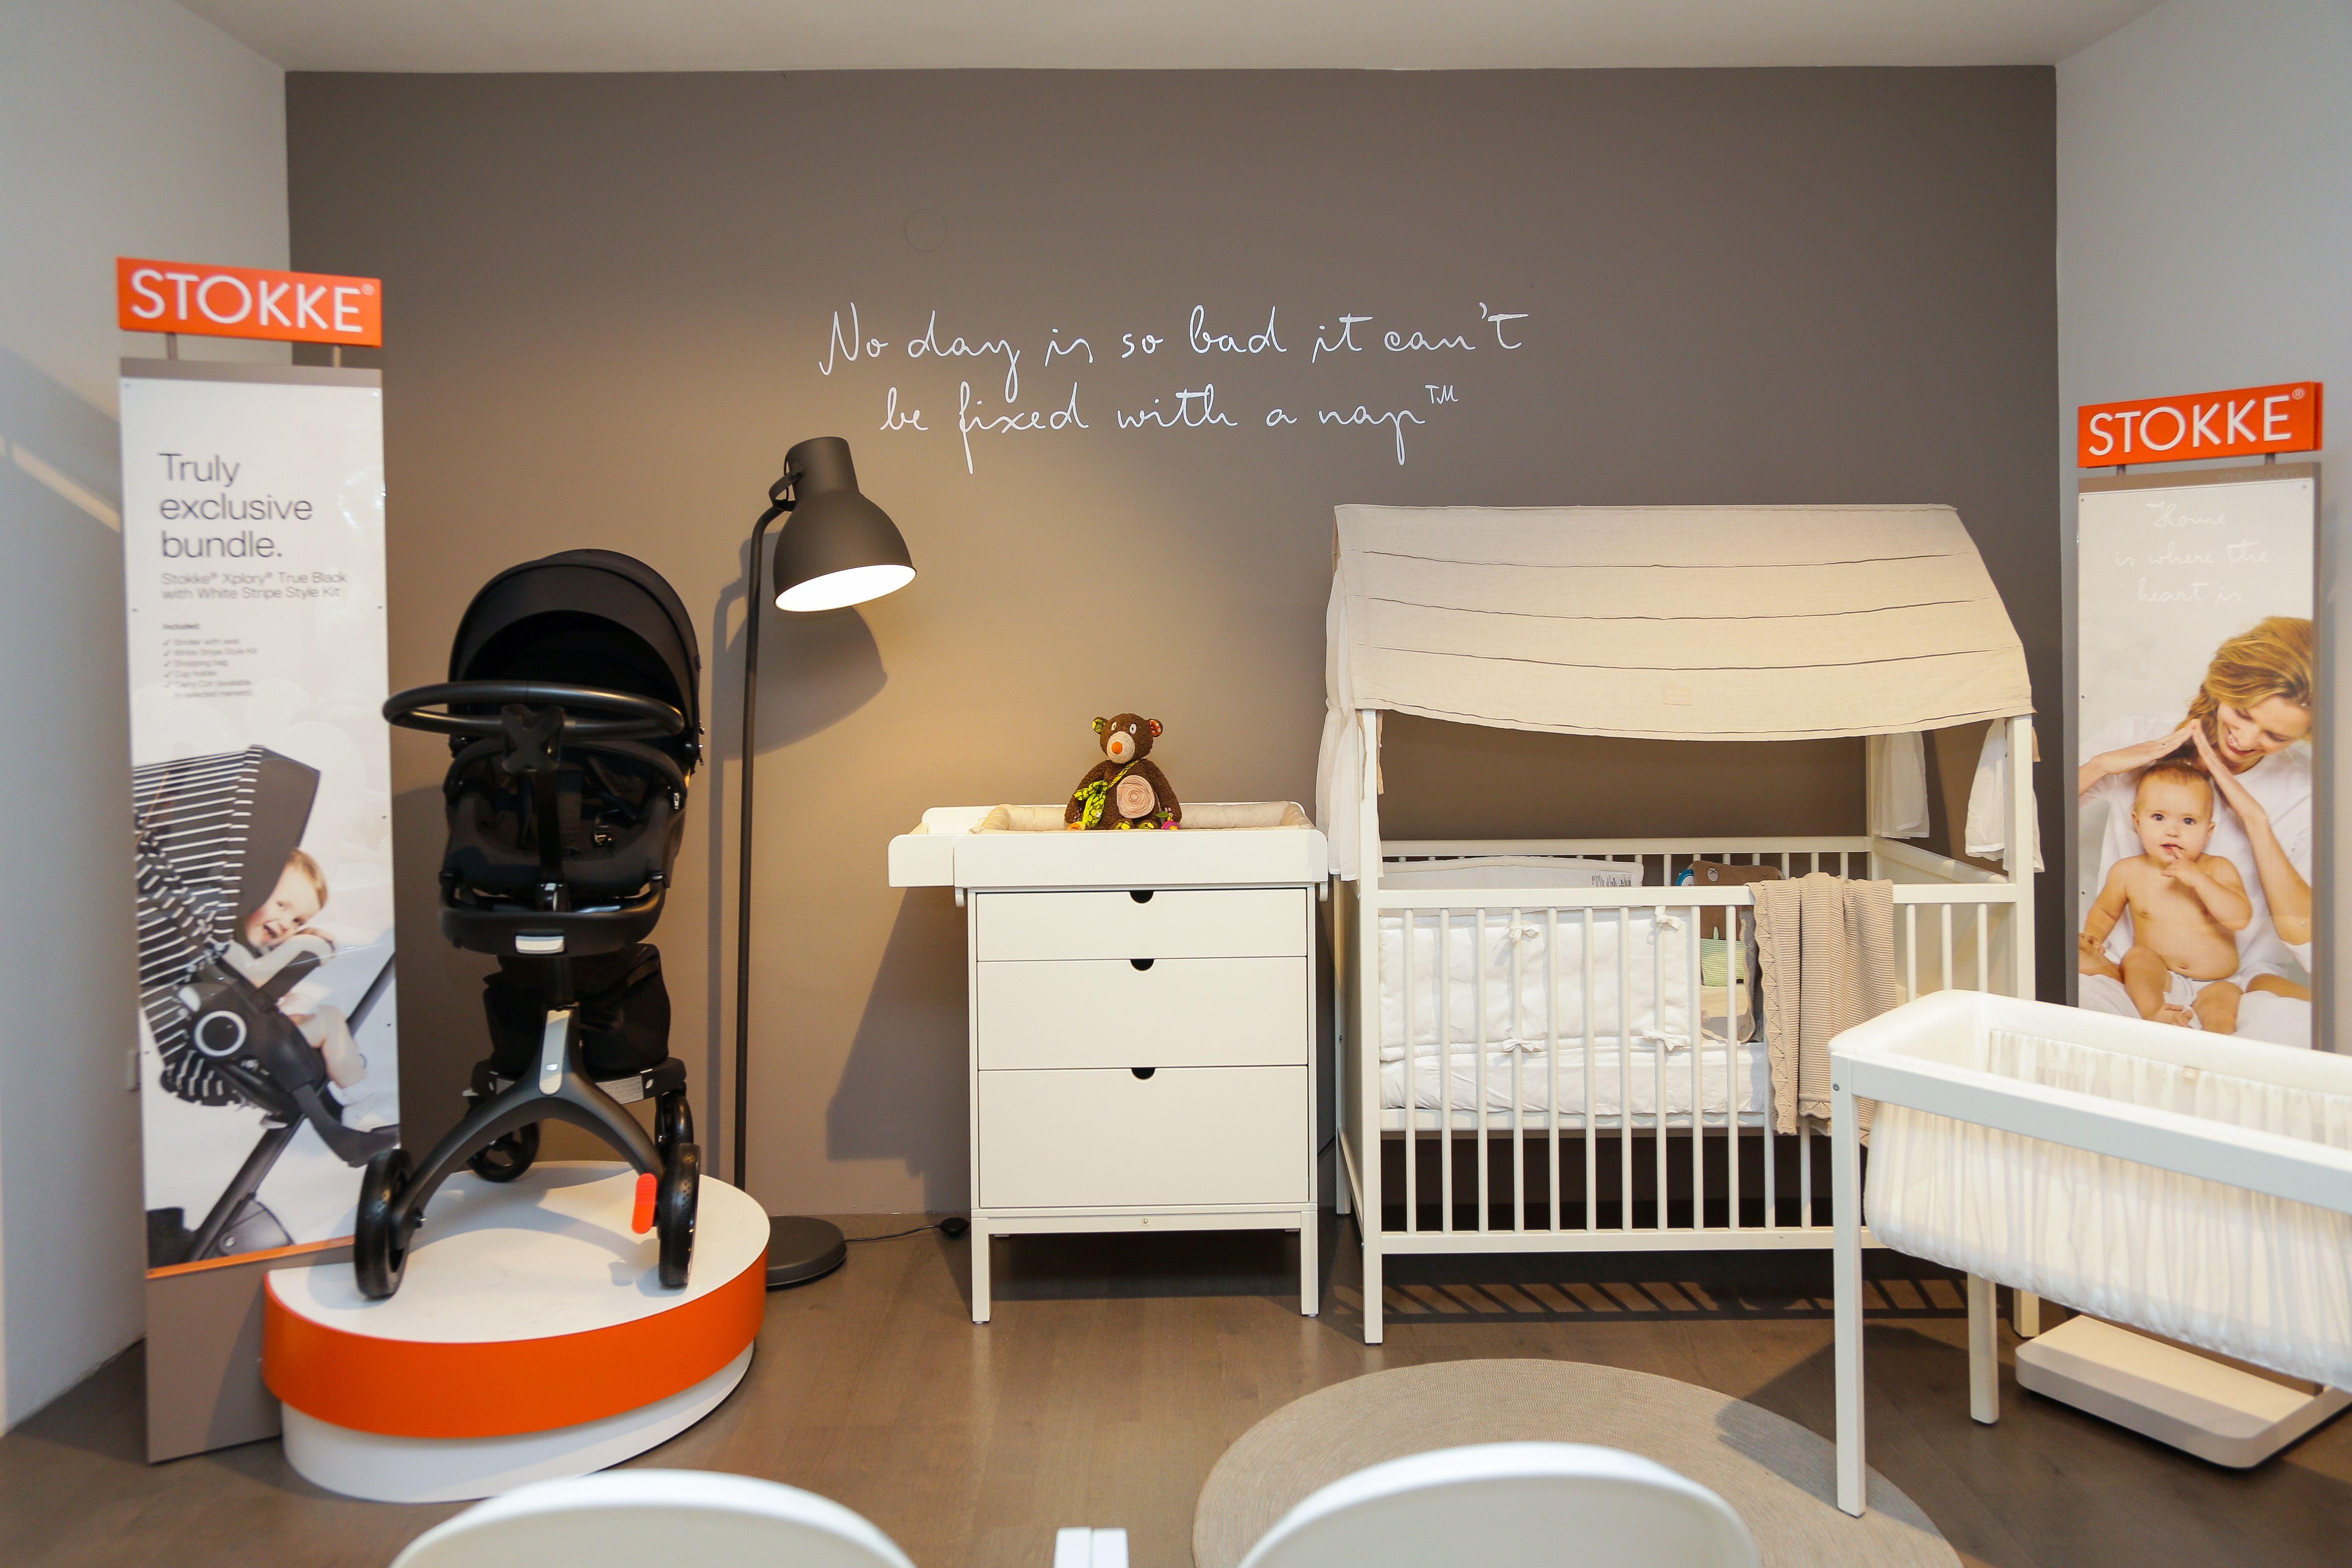 Dječji brend Stokke predstavio ljepotu svog dizajna